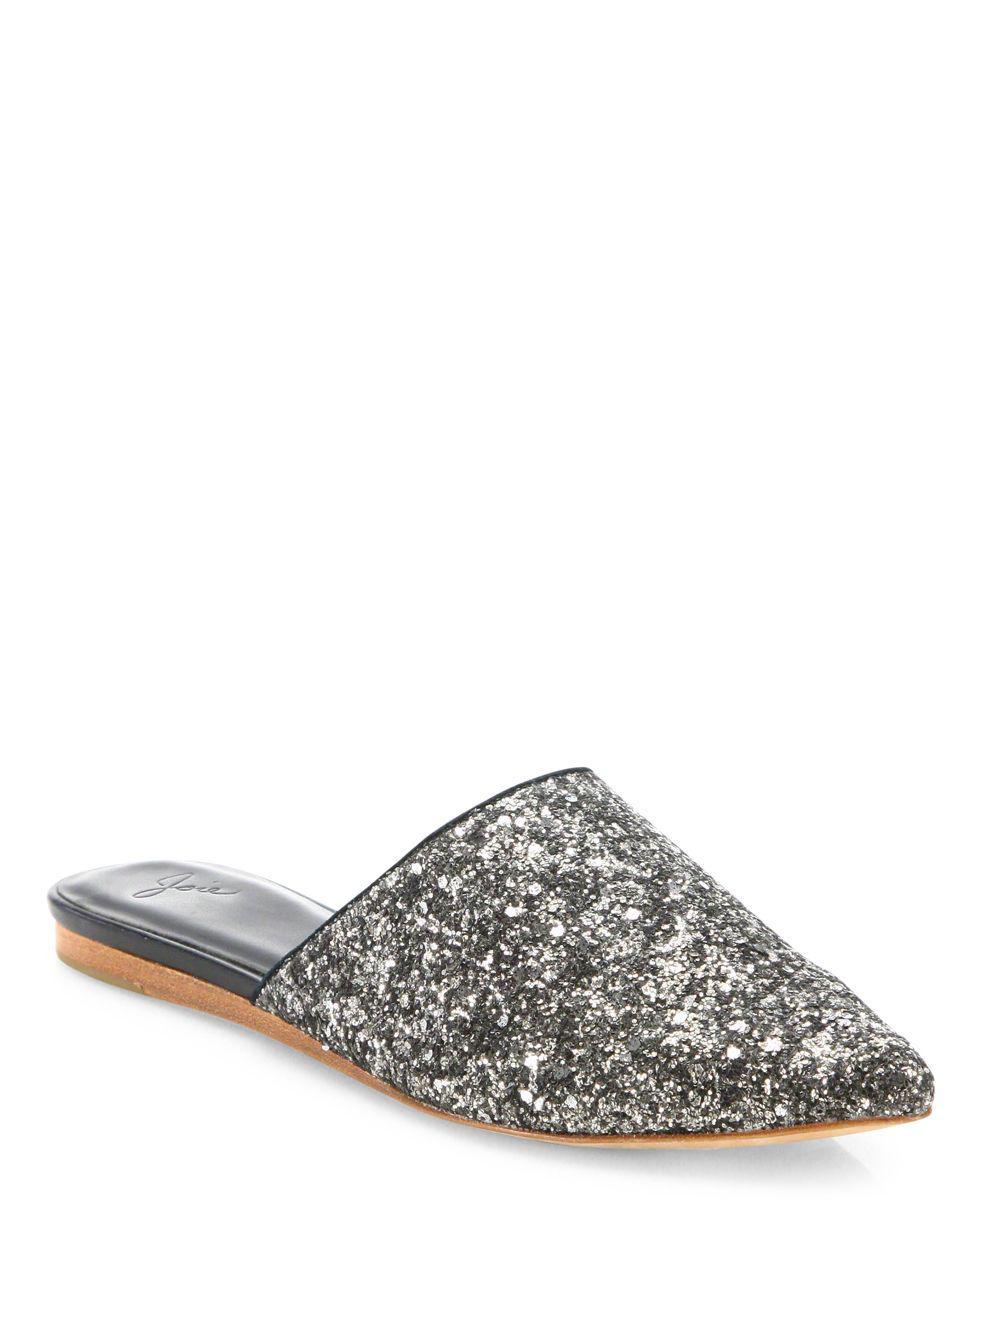 Joie. Women's Adiel Glitter Mule Slides